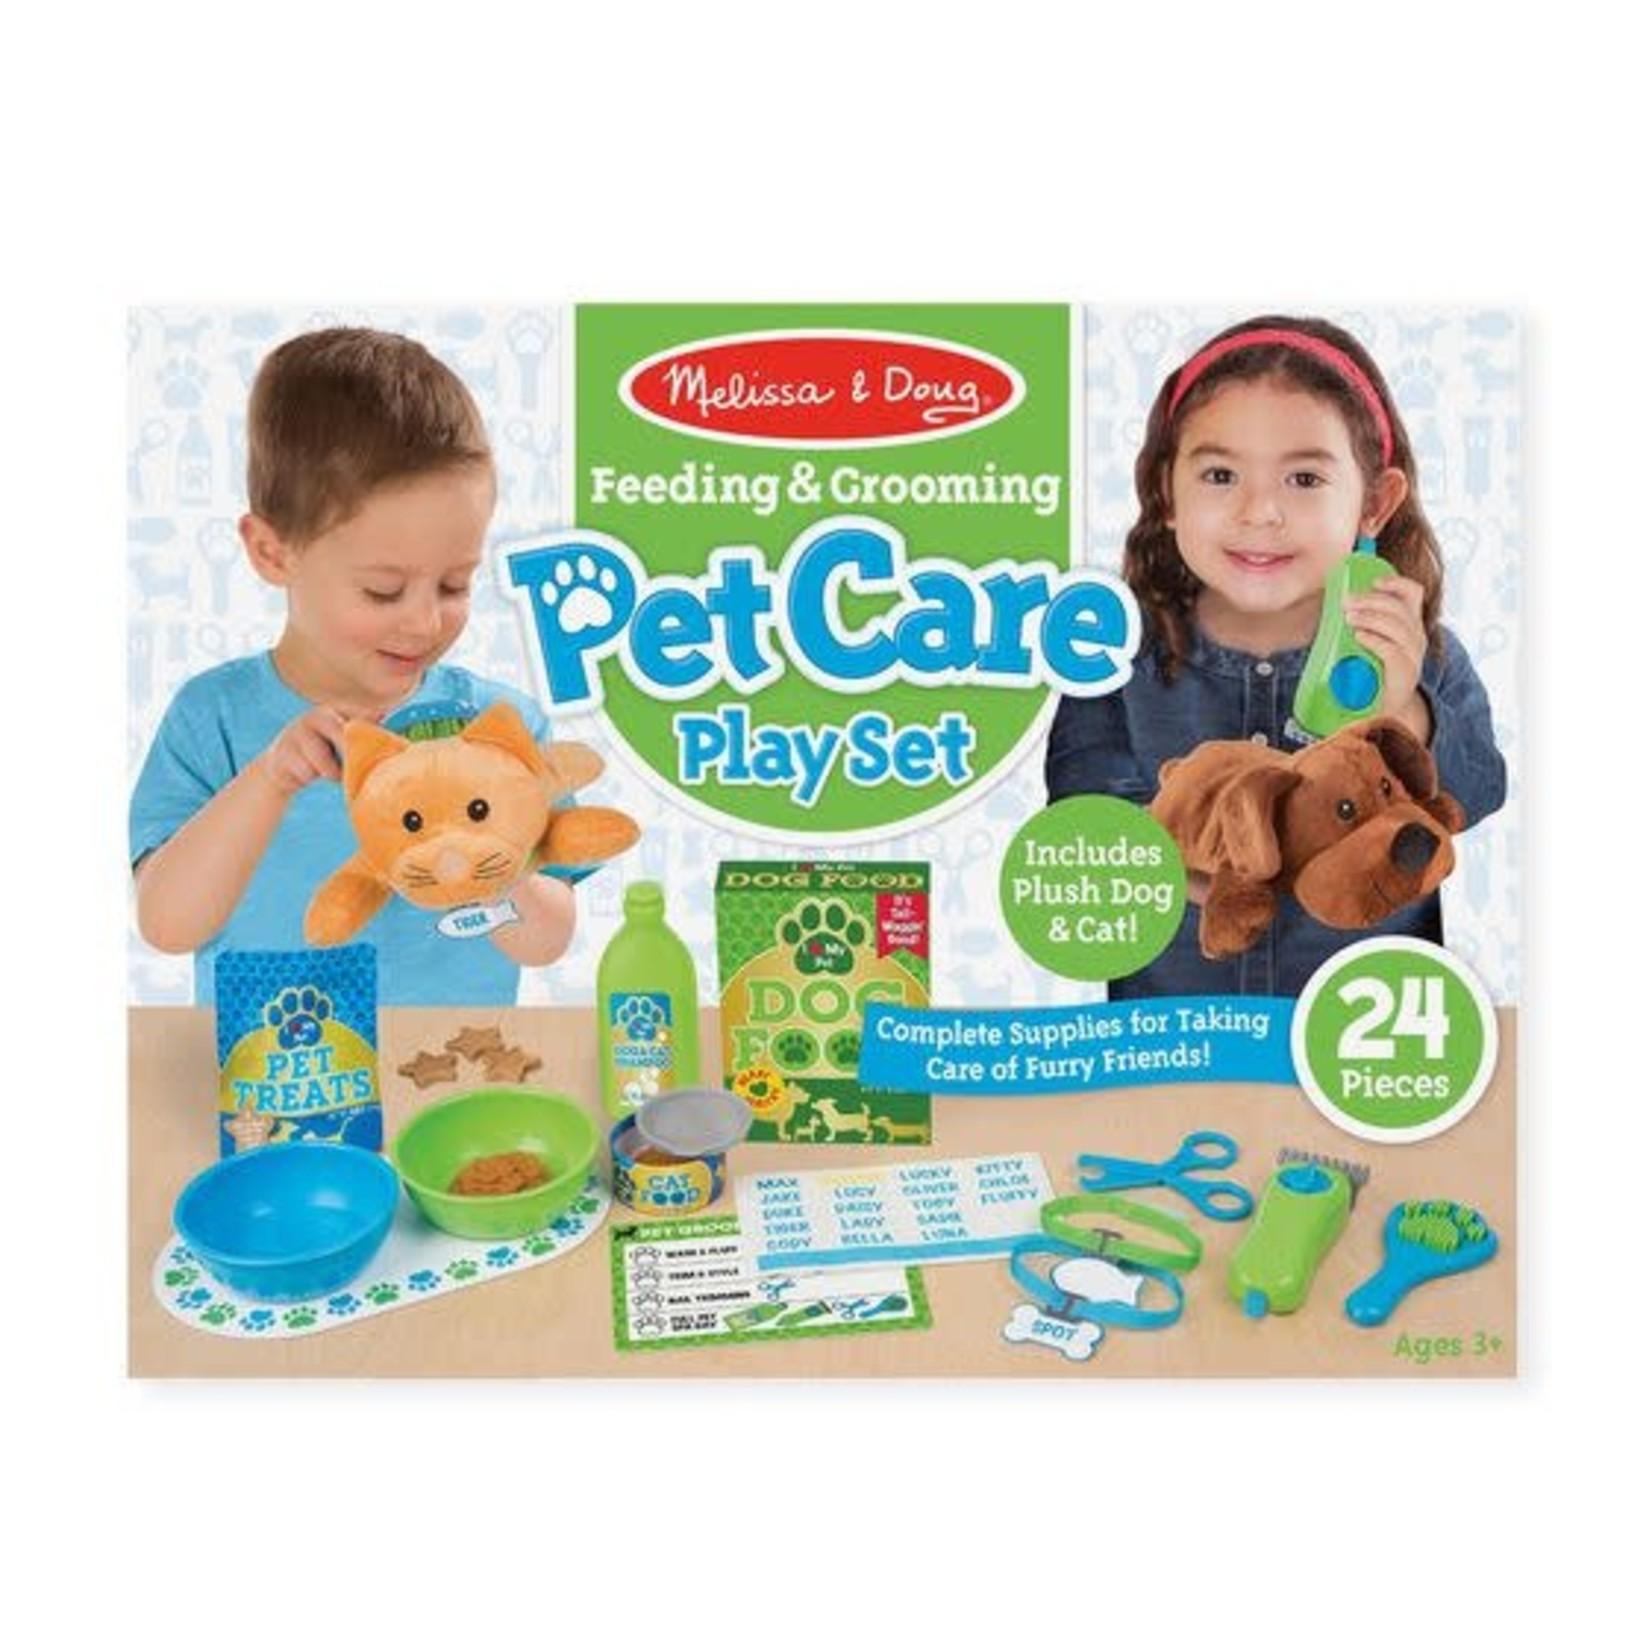 Melissa & Doug Pet Care/Pet Grooming Play Set